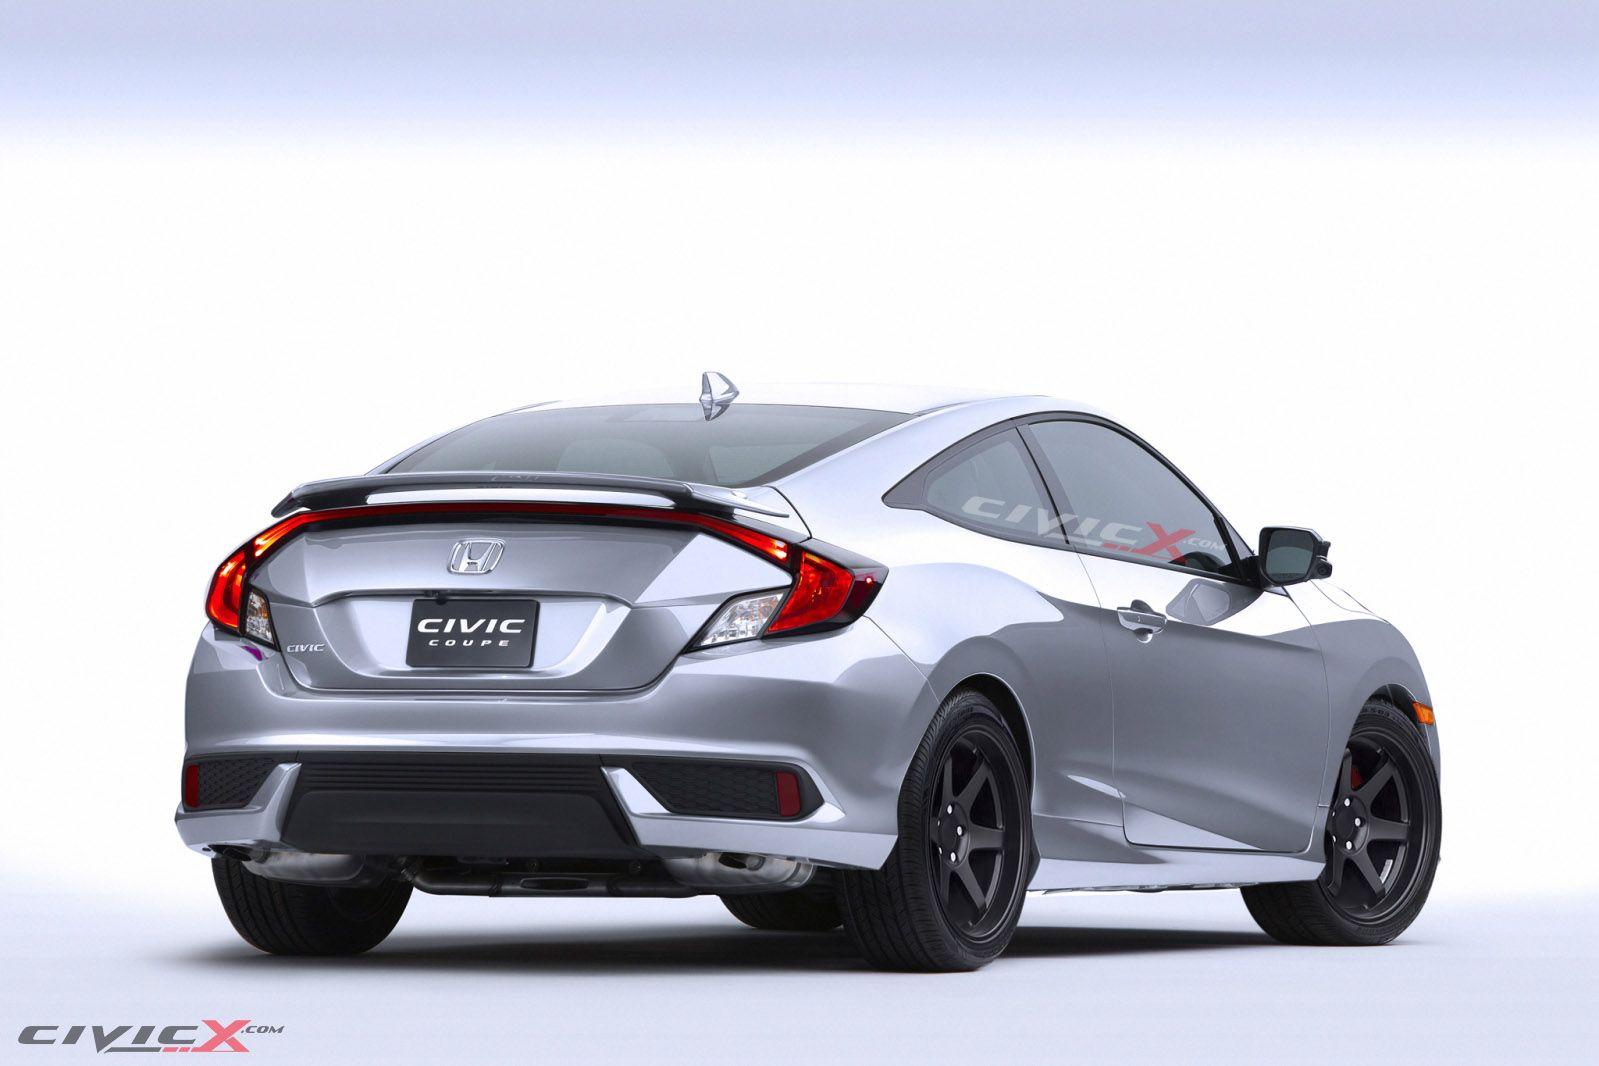 2016 Honda Civic Coupe Aftermarket Parts Honda Civic Coupe Honda Civic Civic Coupe